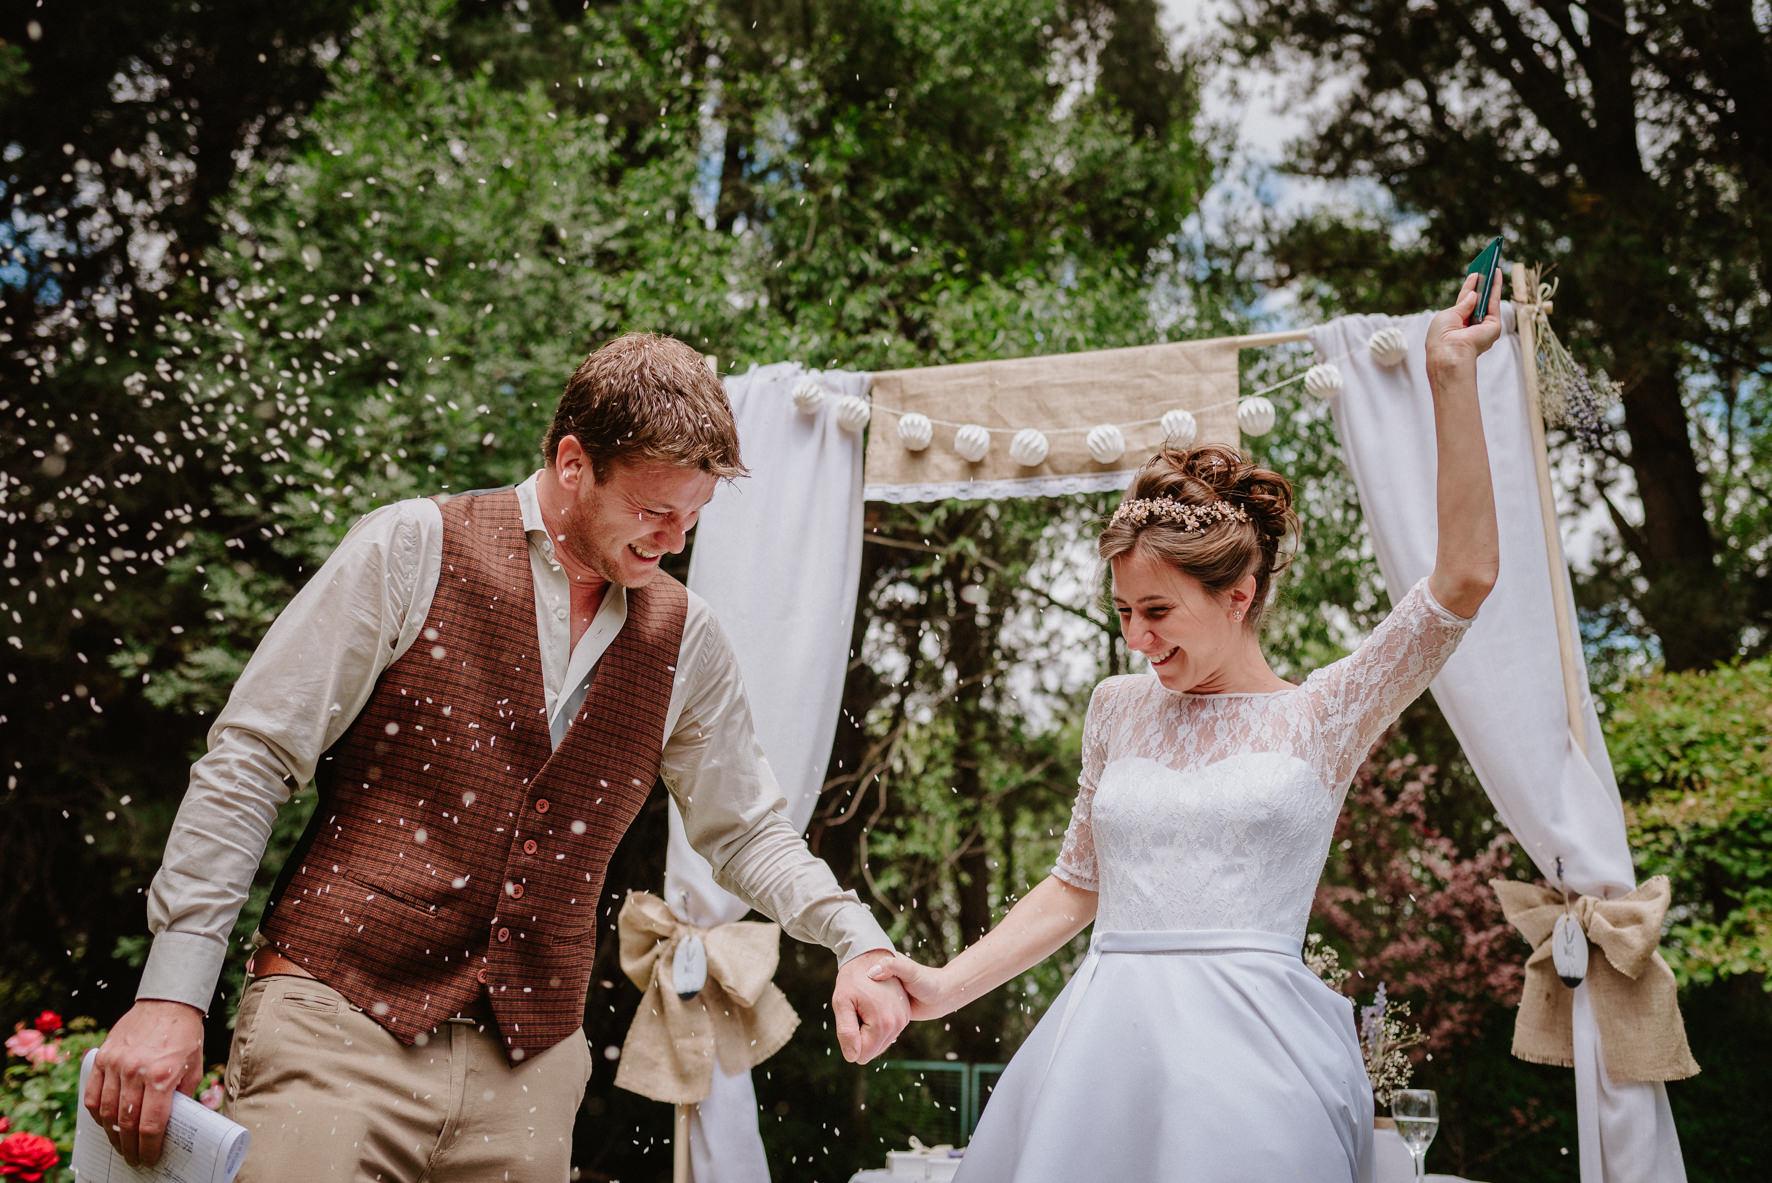 mejores-fotografos-de-casamiento-argentina-2016